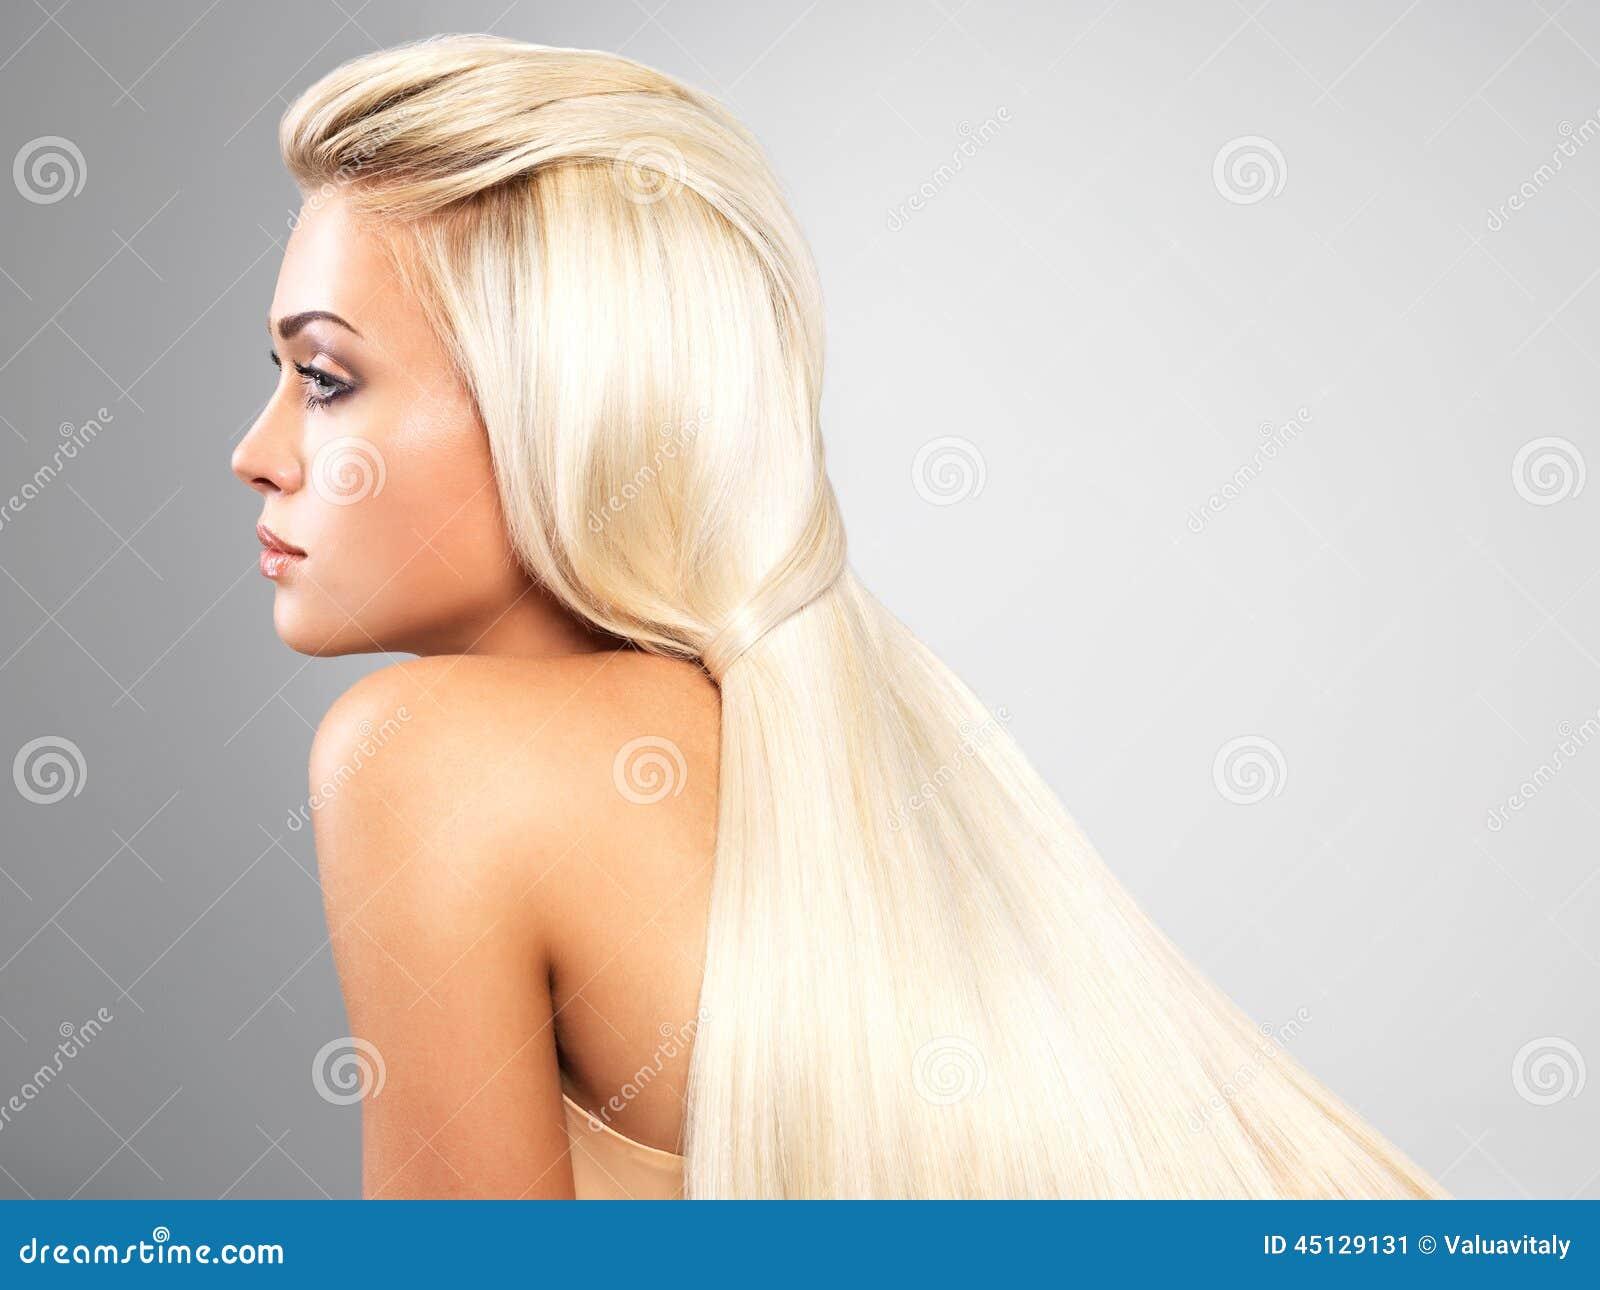 långt hår x betygsatt blond i Växjö